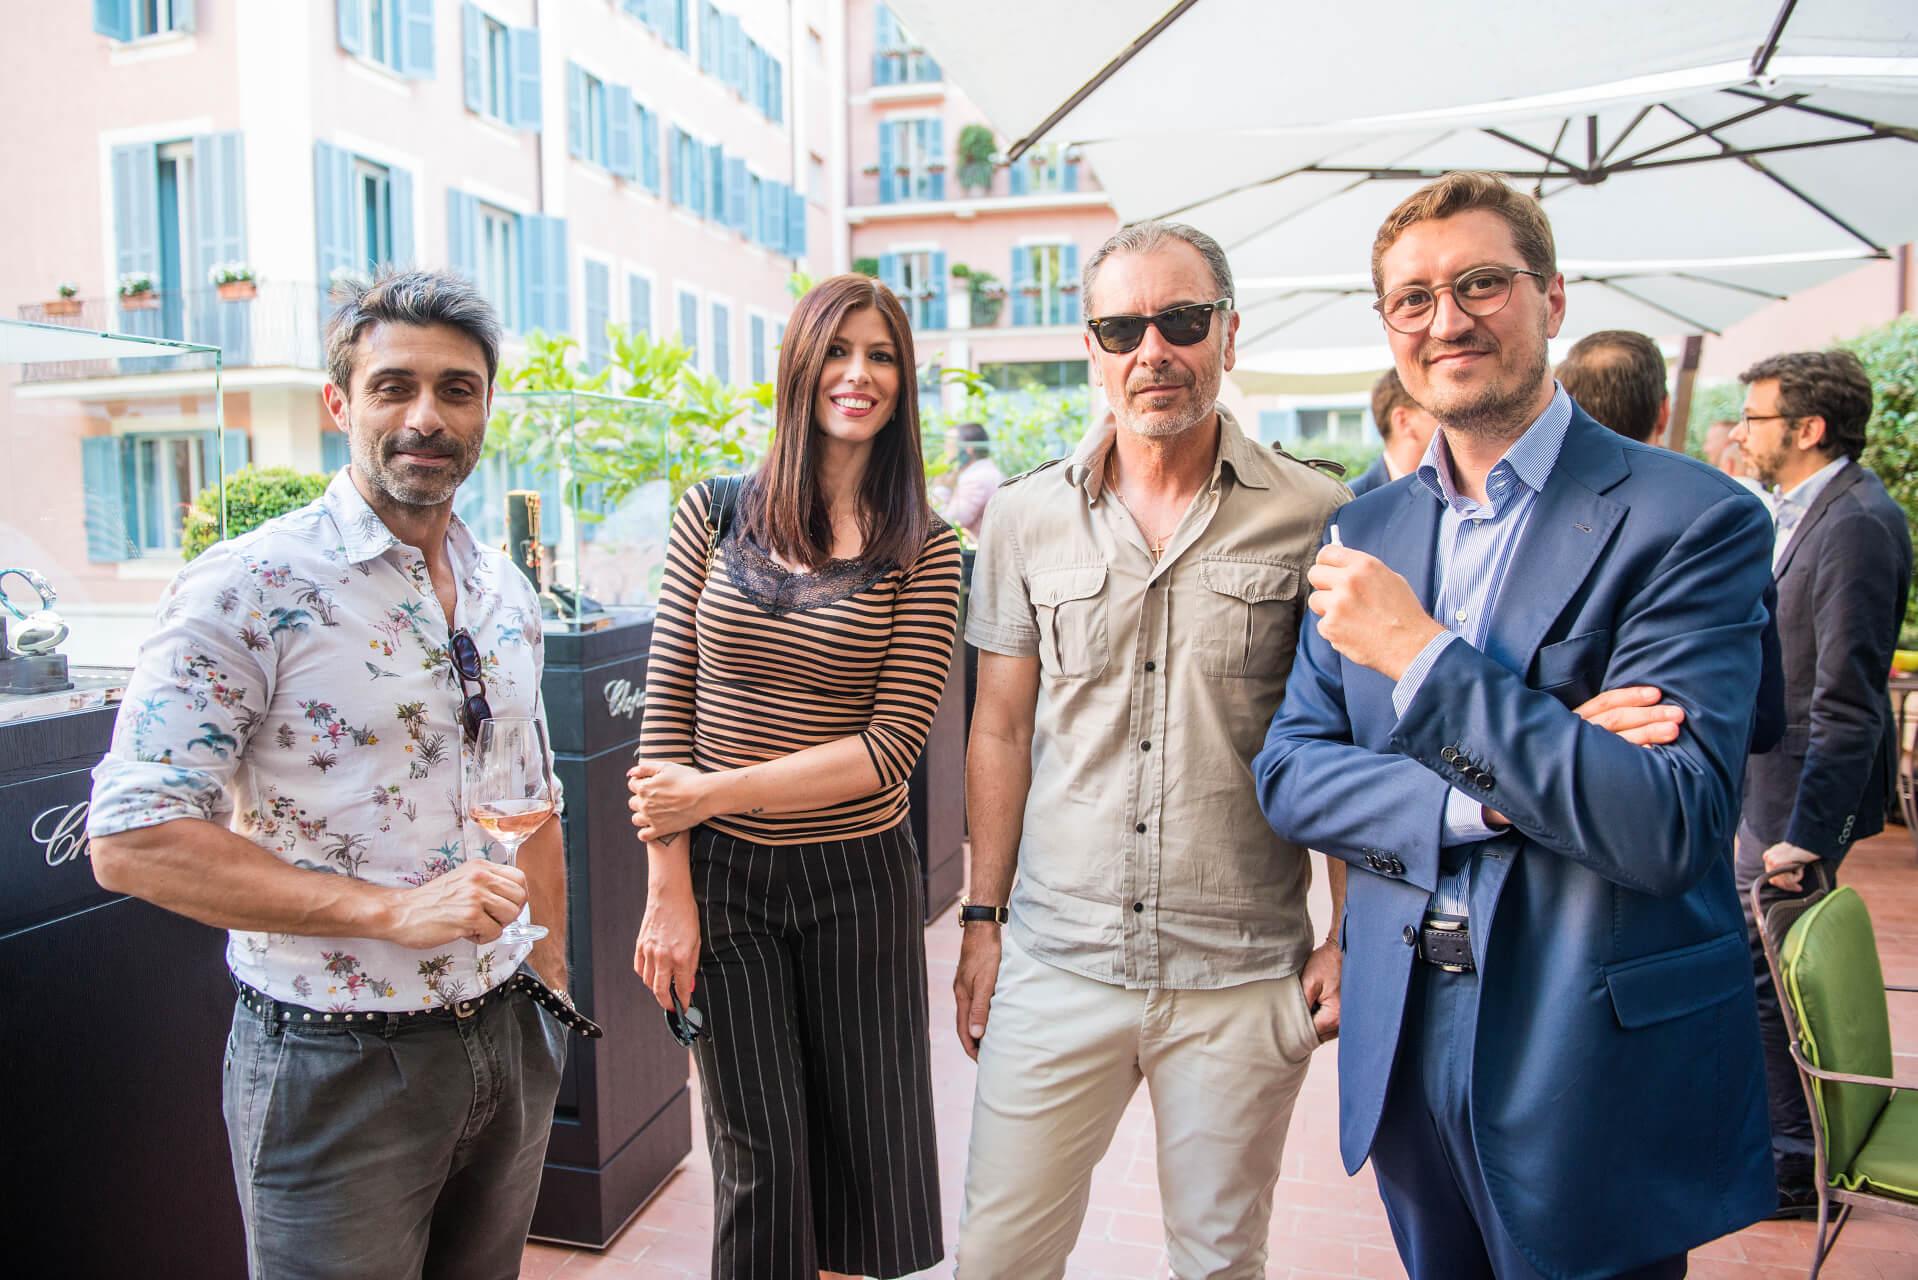 Stefano Mascato, Cristiana D'Antonio, Silvano Sganappa, Diego Cataldi